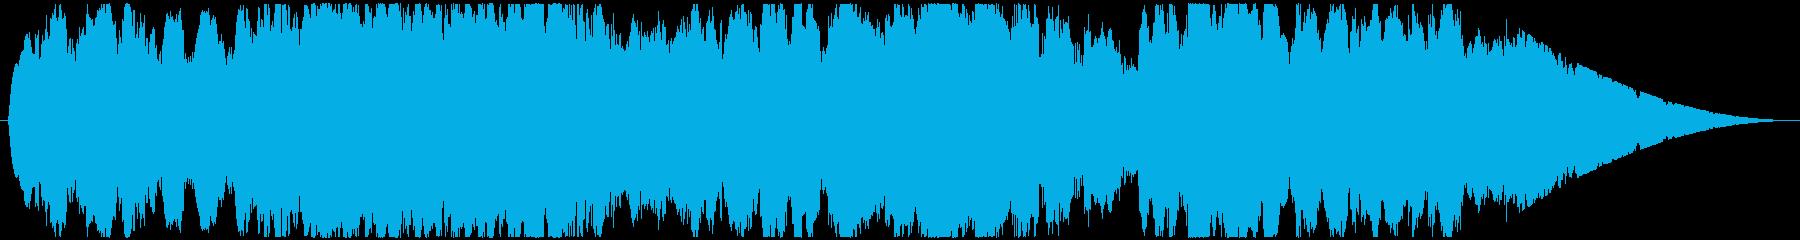 神秘的な曲。の再生済みの波形